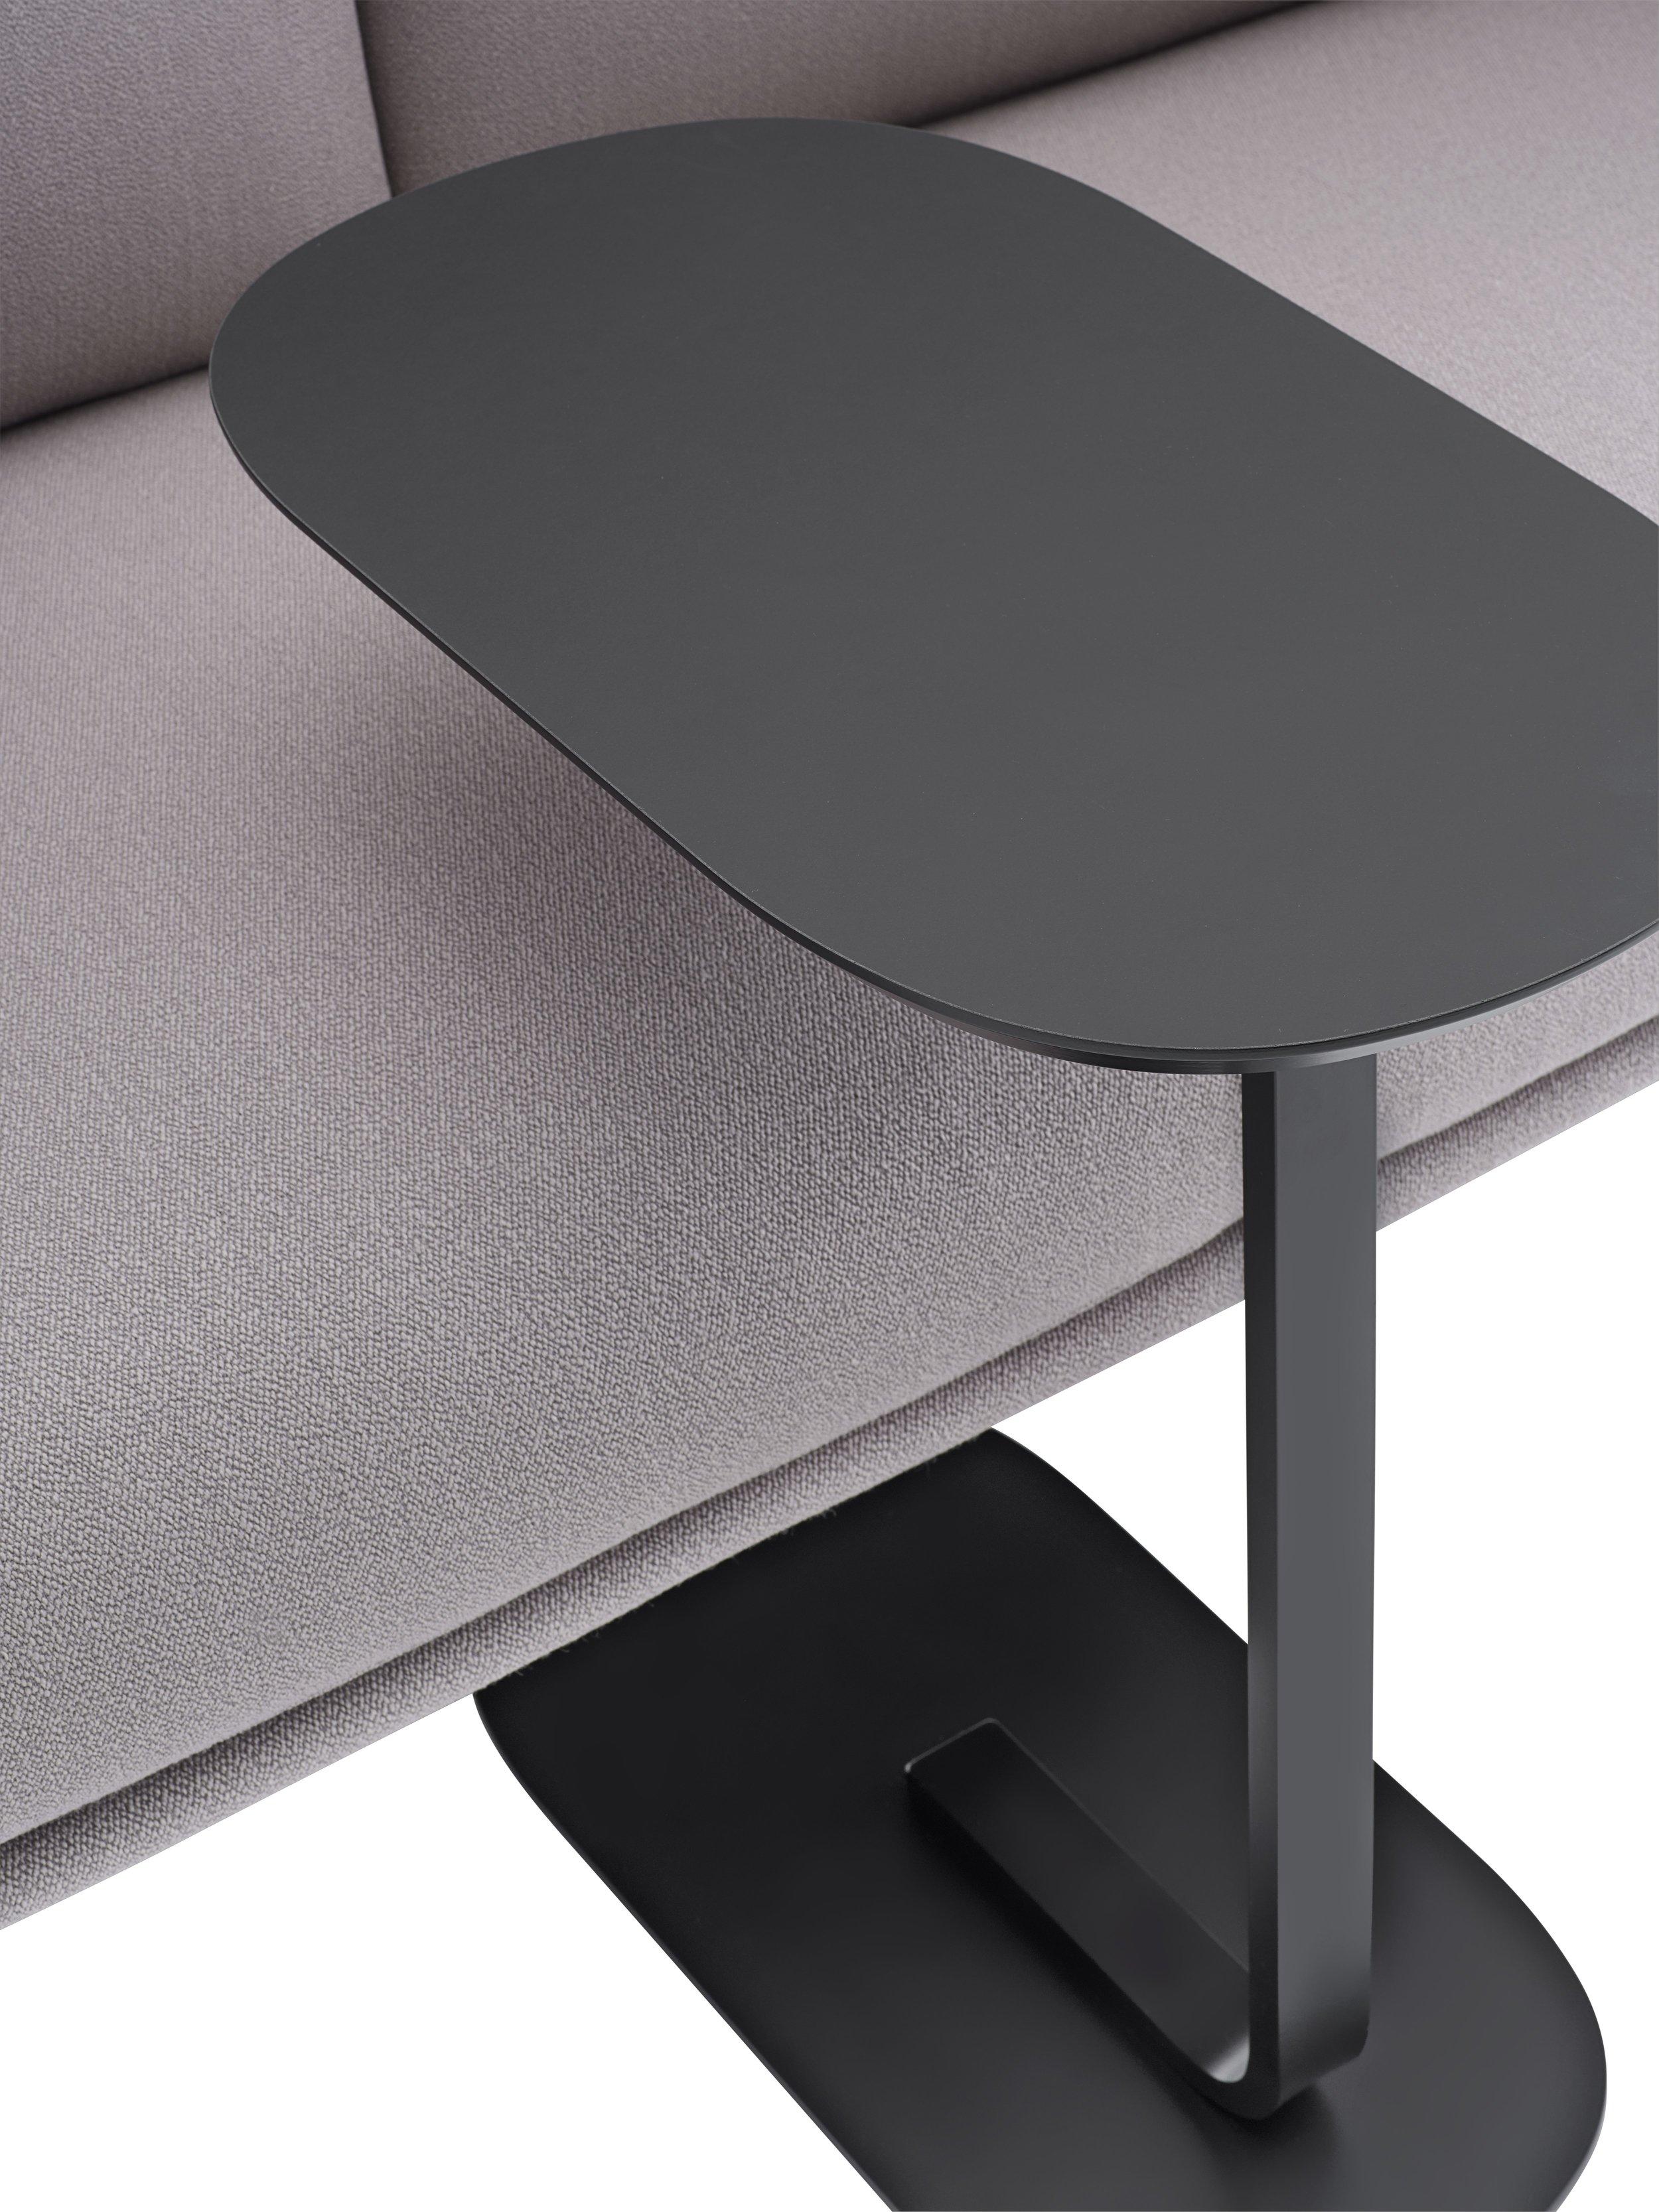 Relate-side-table-black-outline-2-seater-highback-vidar-143-detail-Muuto-5000x6667-hi-res.jpg